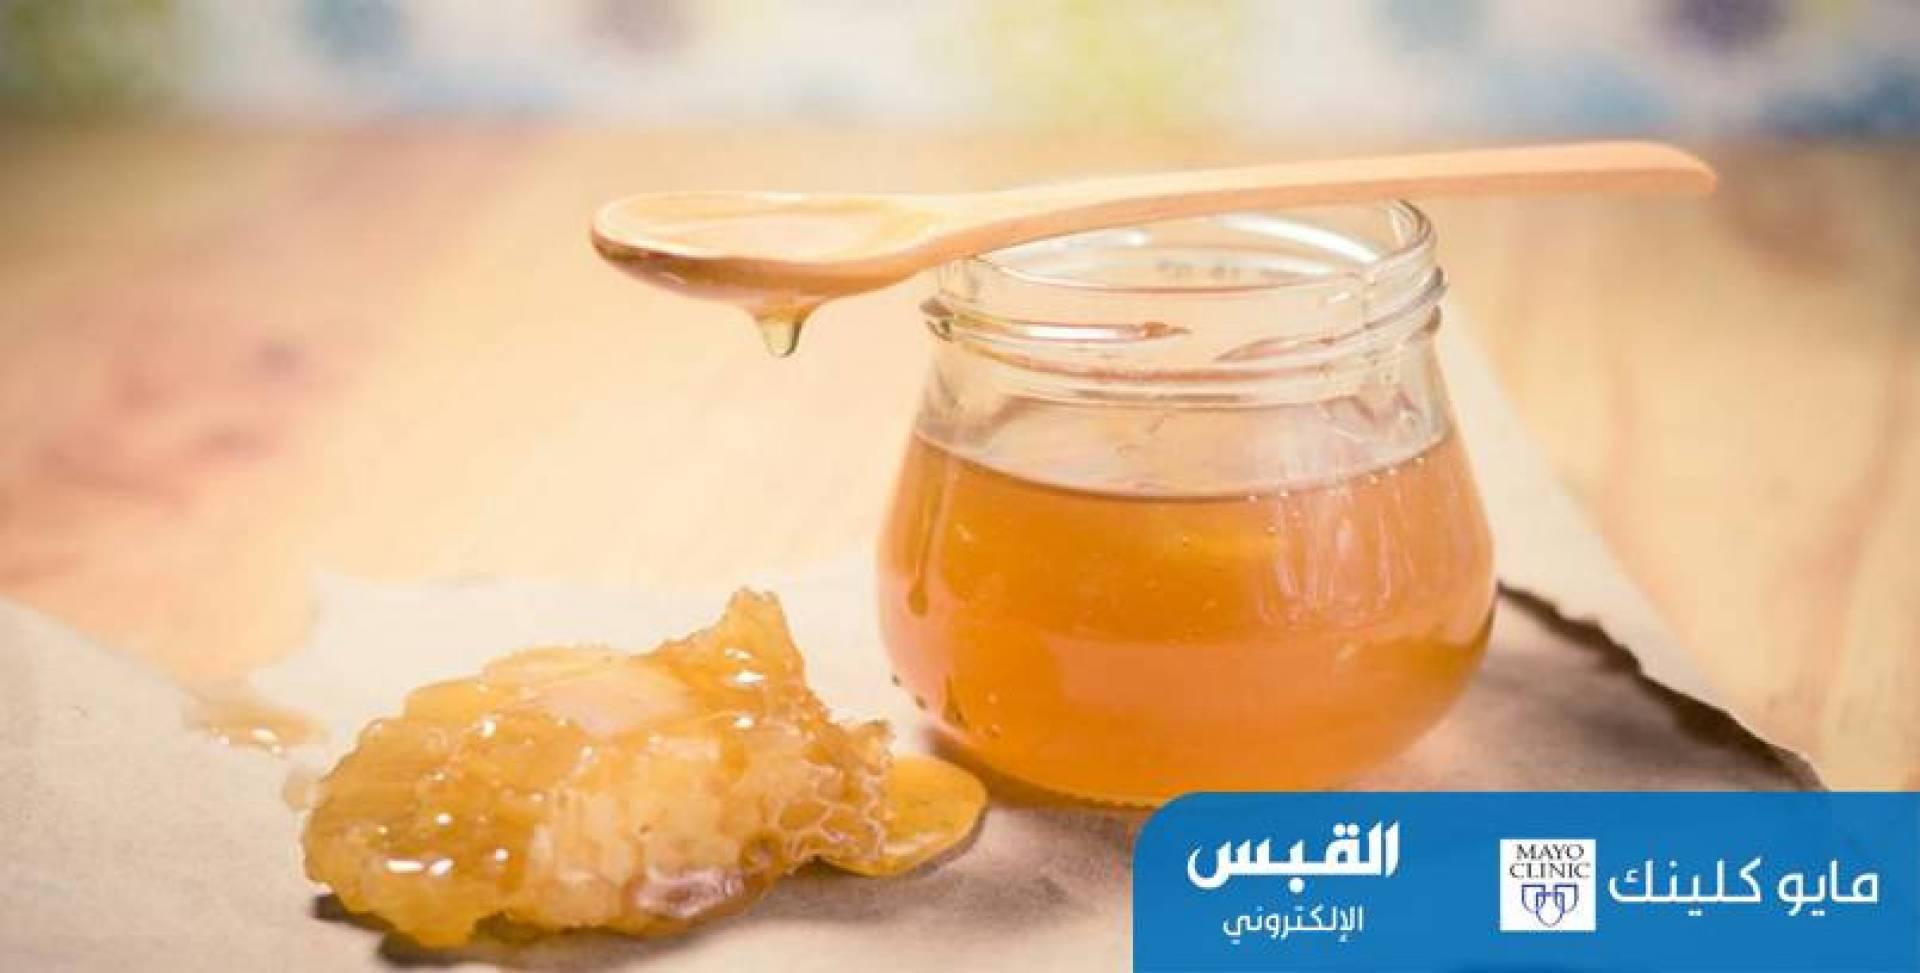 هل يمكن استخدام العسل لعلاج الحساسية؟